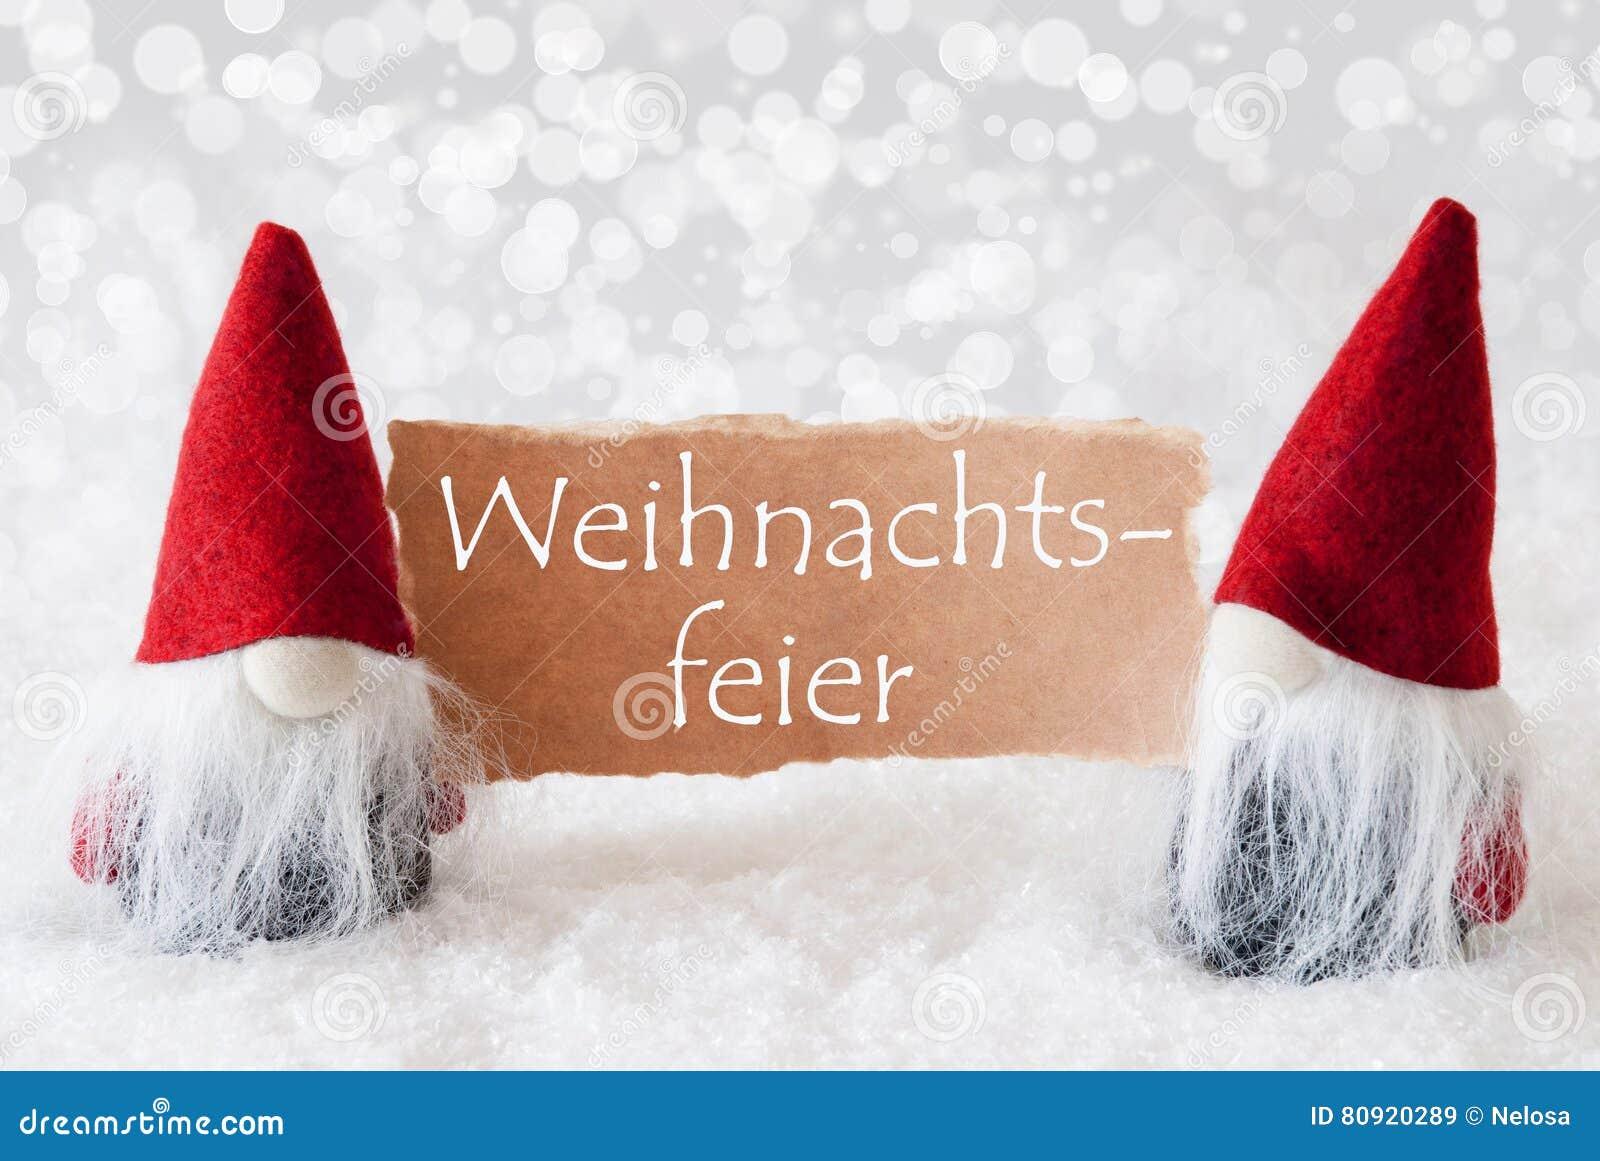 Rote Gnomen Mit Karte, Weihnachtsfeier Bedeutet Weihnachtsfest ...